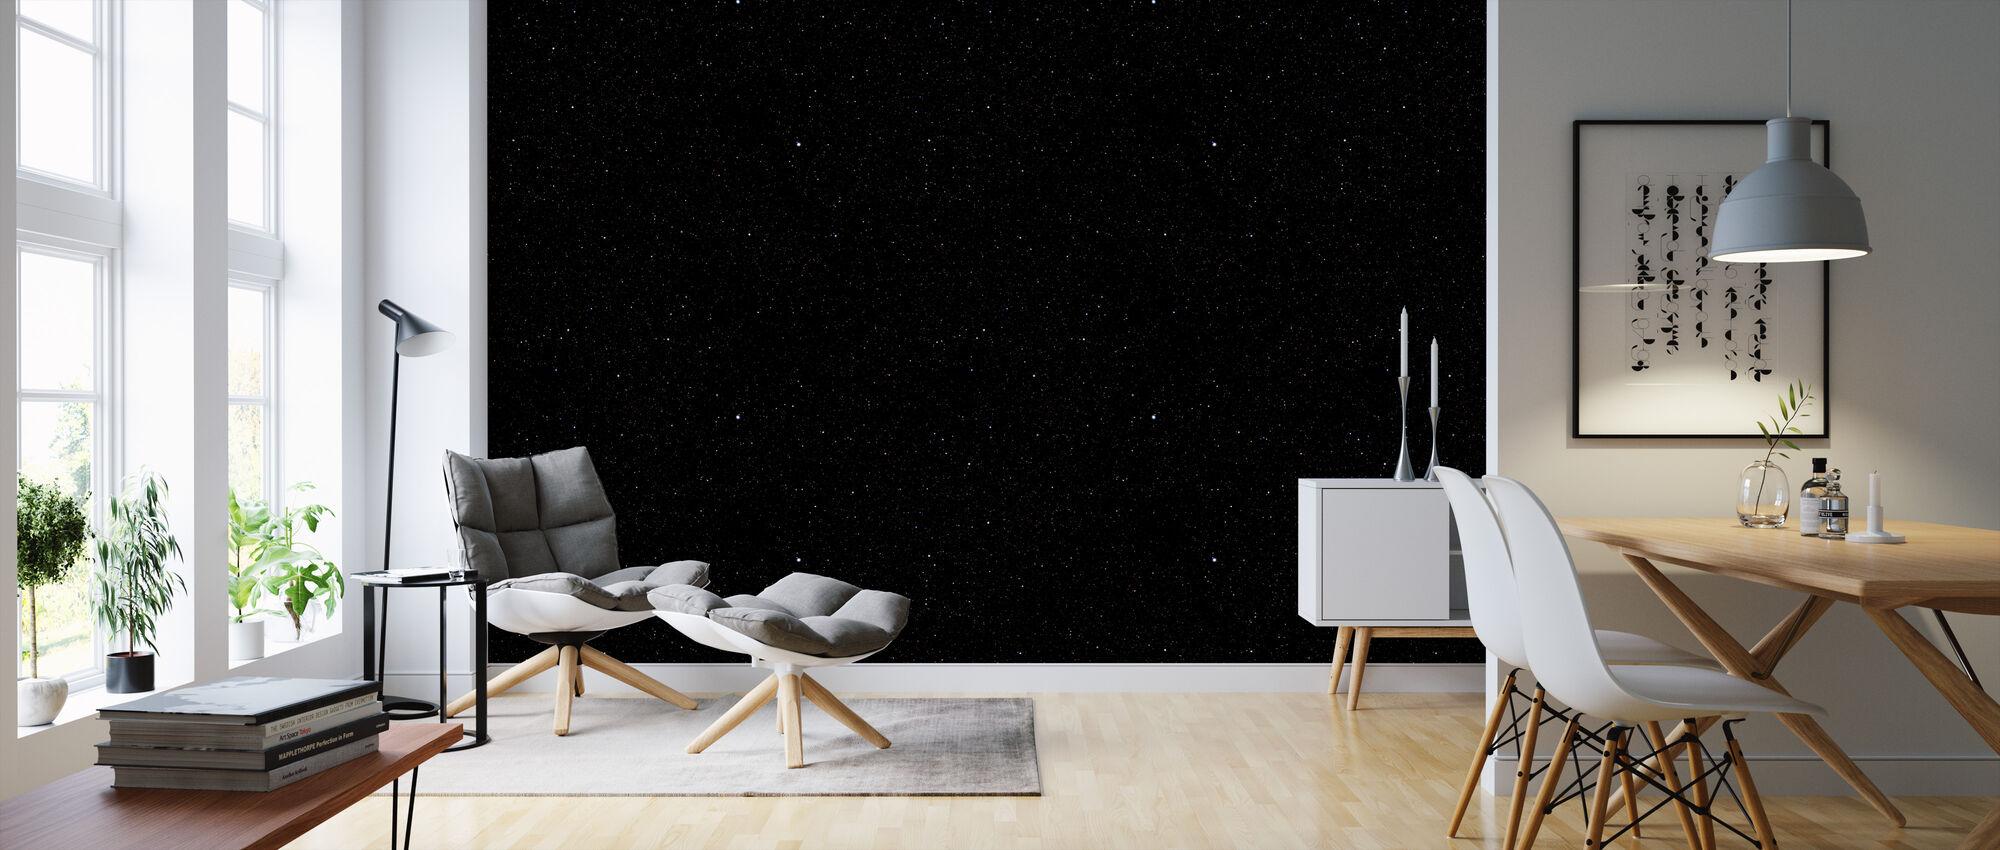 Star Blasts - Wallpaper - Living Room